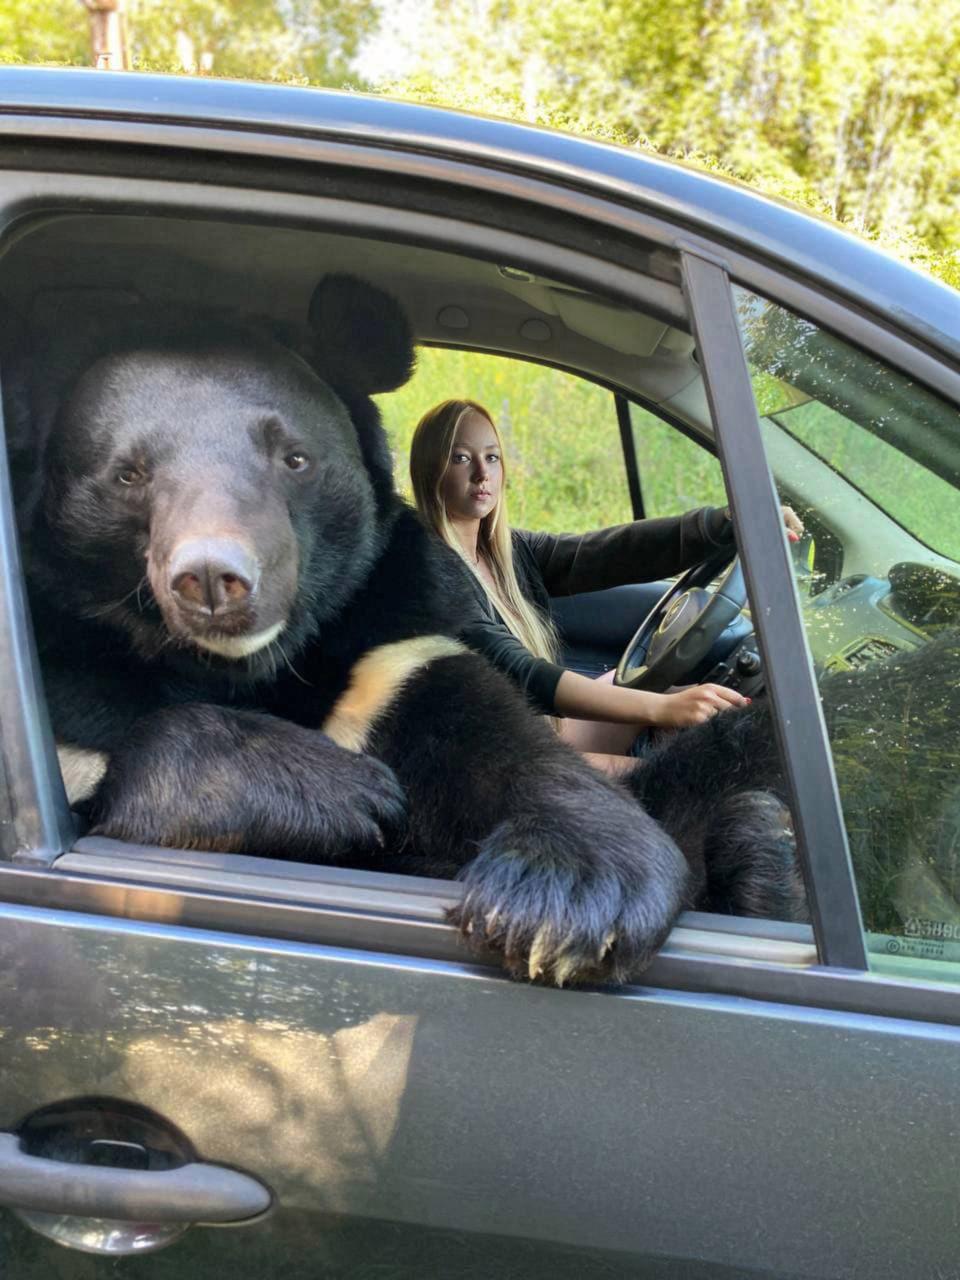 O tânără din Rusia călătorește în mașină cu un urs himalayan pe locul pasagerului din dreapta